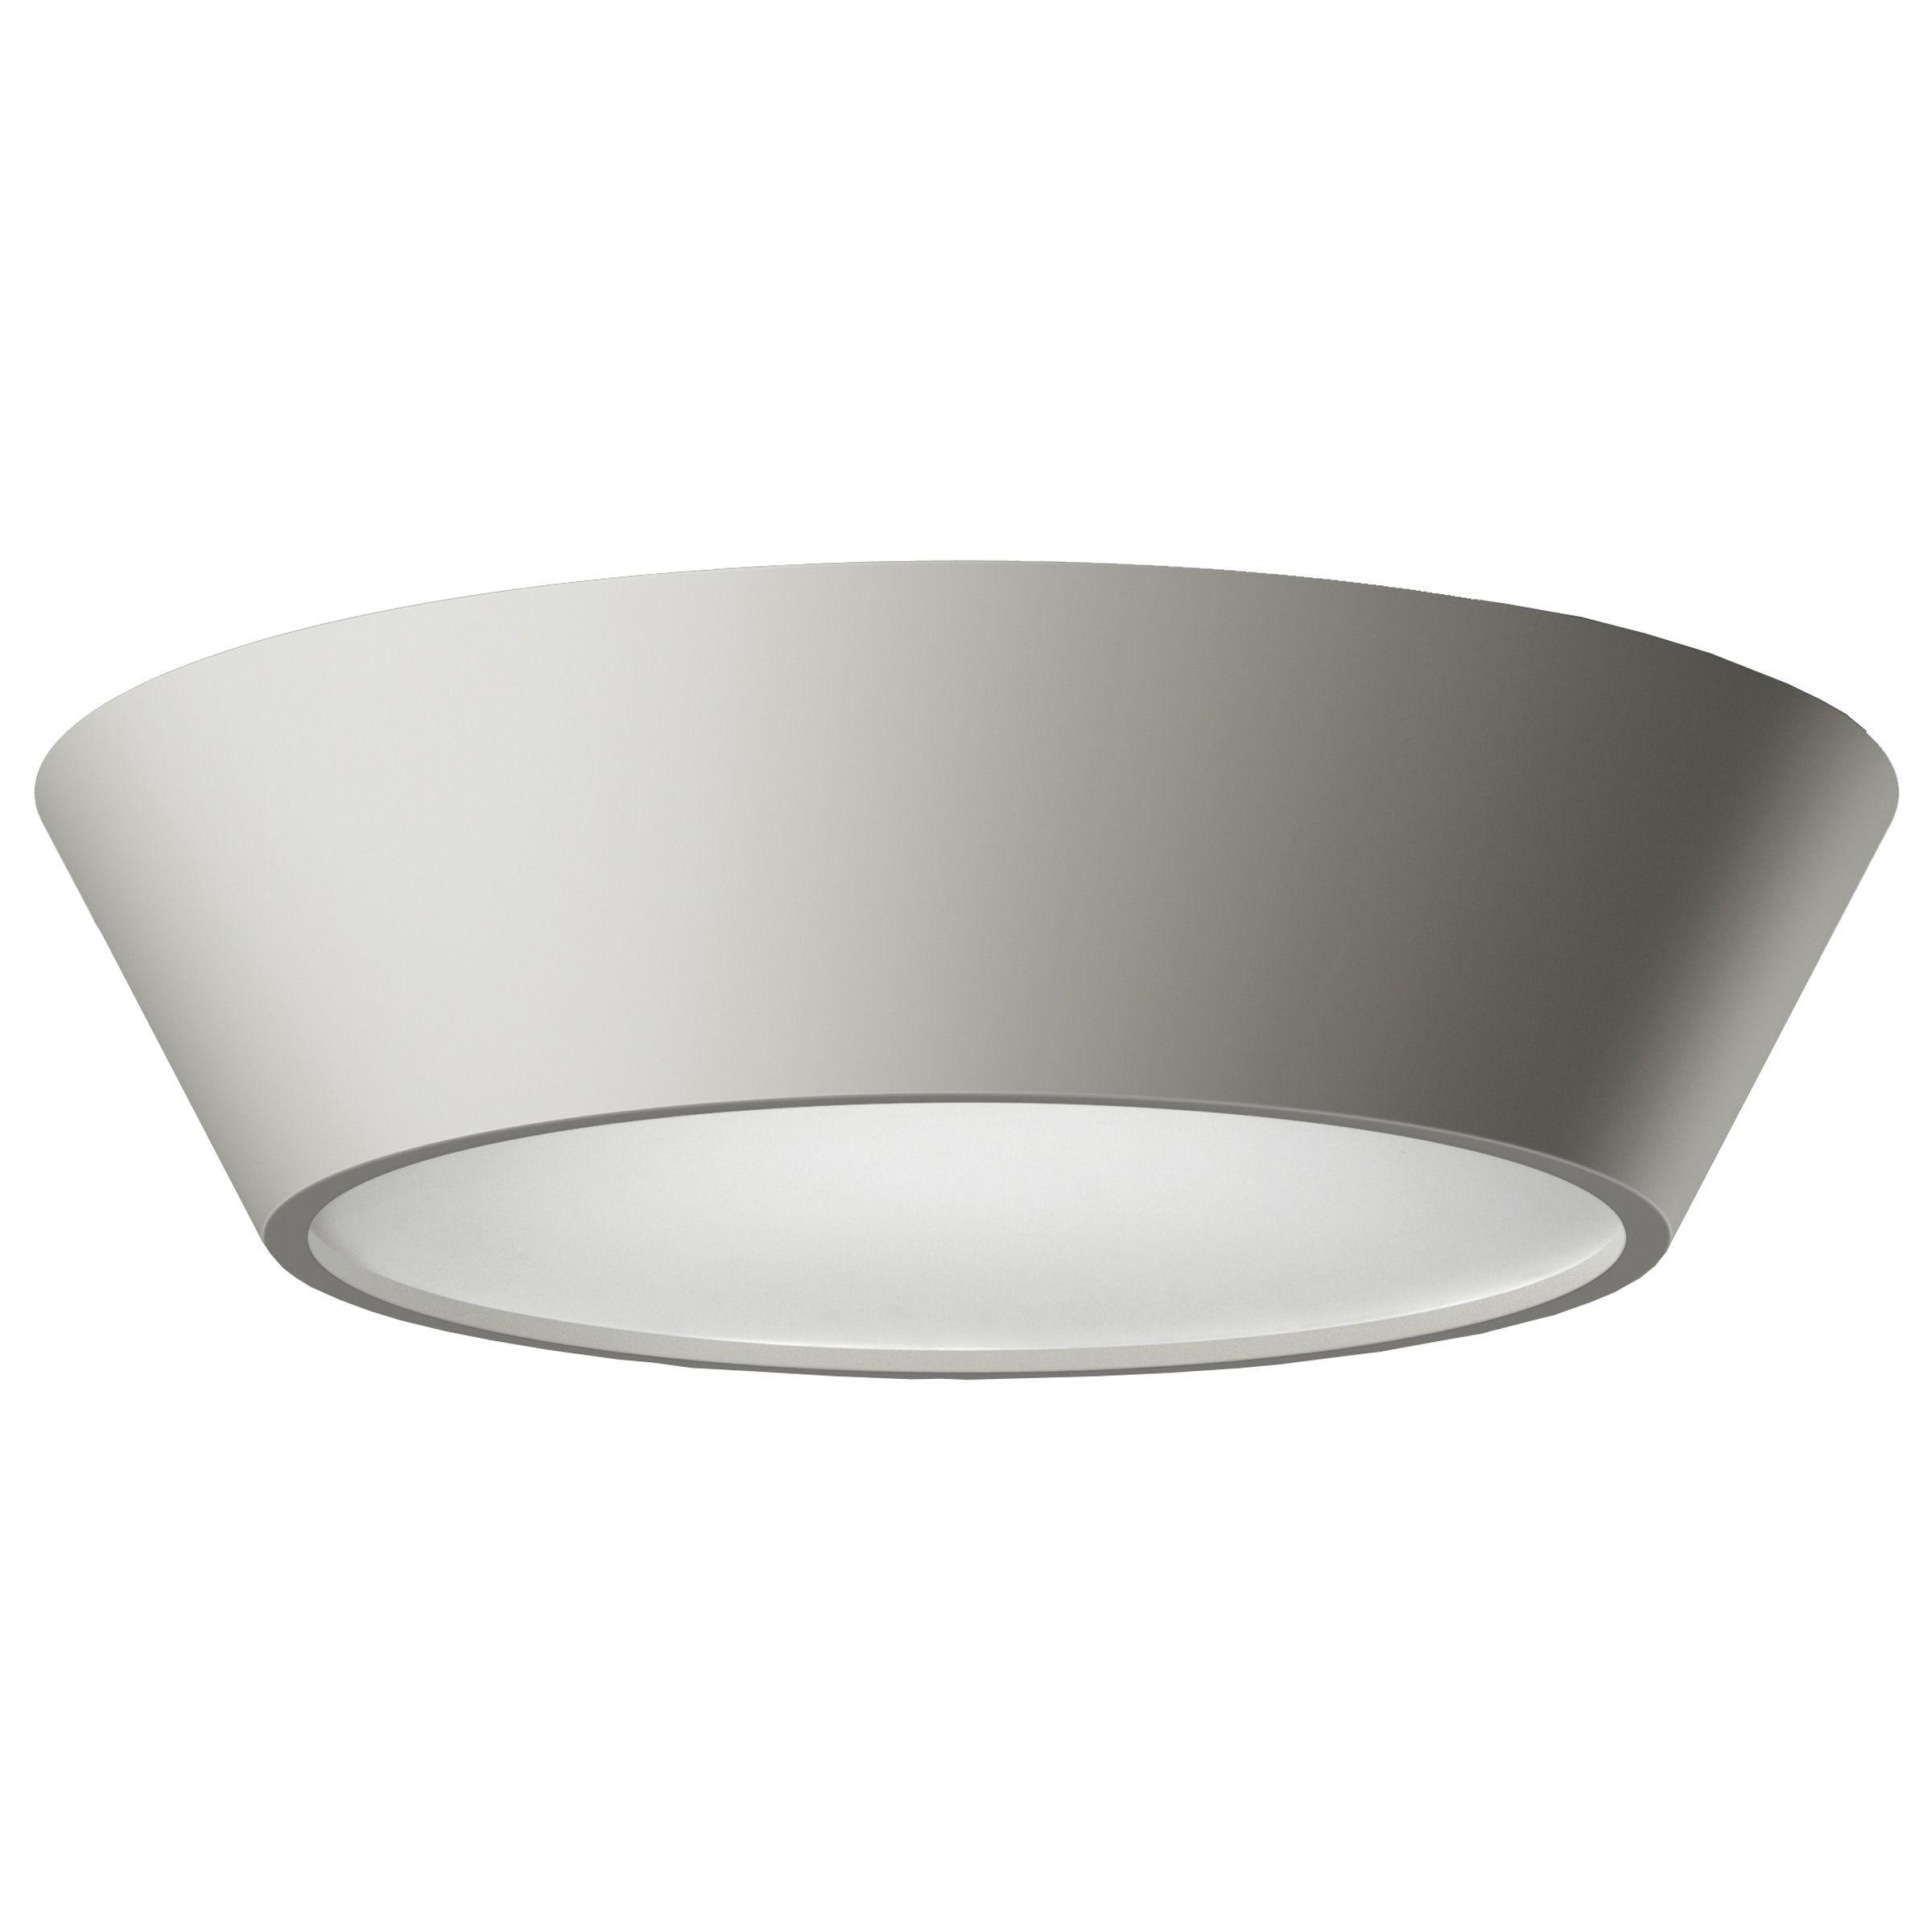 Vibia Plus plafondlamp recht dimbaar